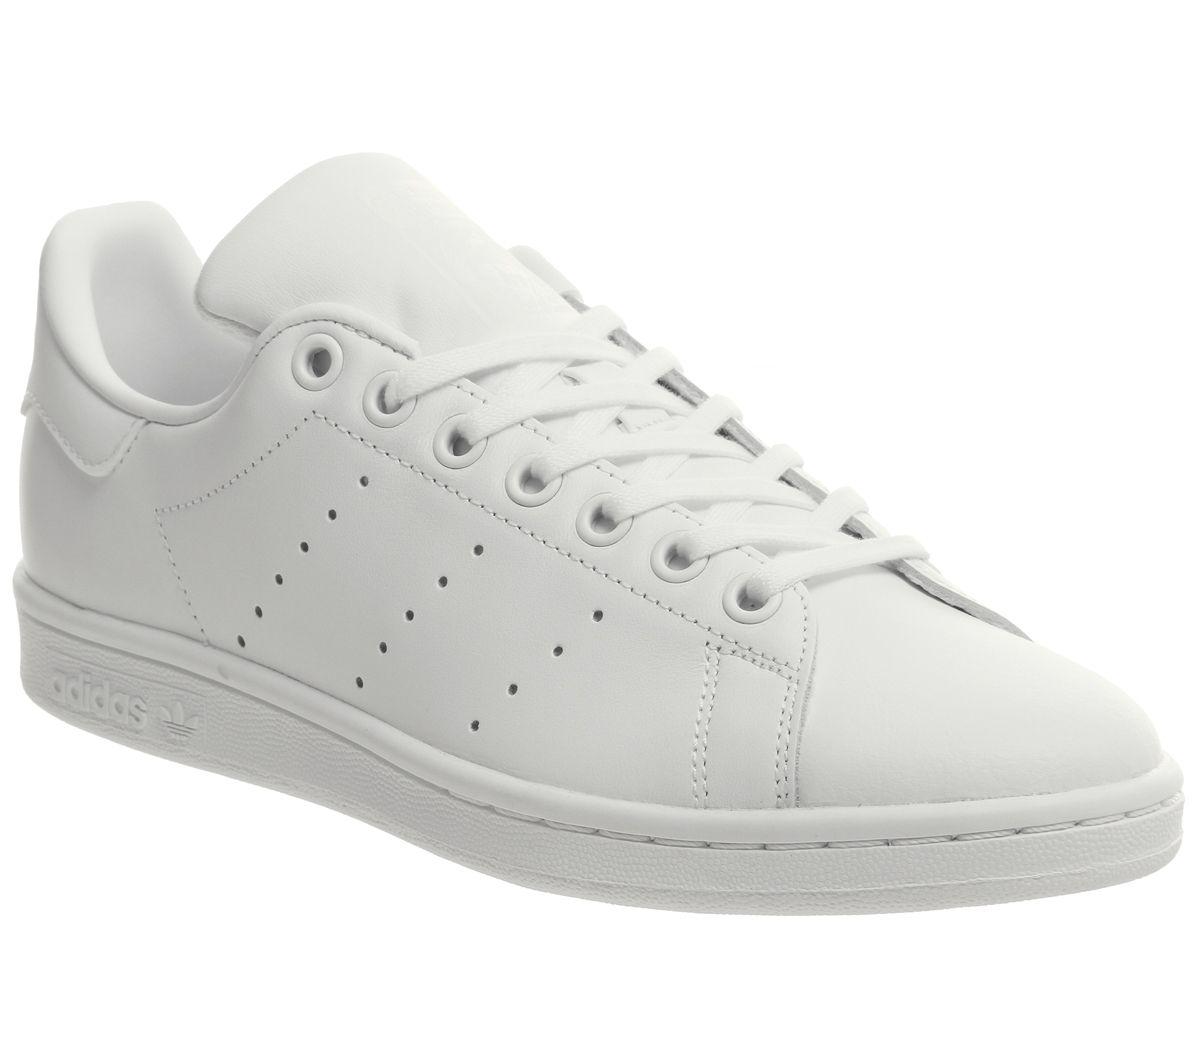 Details zu Kinder adidas Stan Smith GS Turnschuhe Weiß Mono Kinder